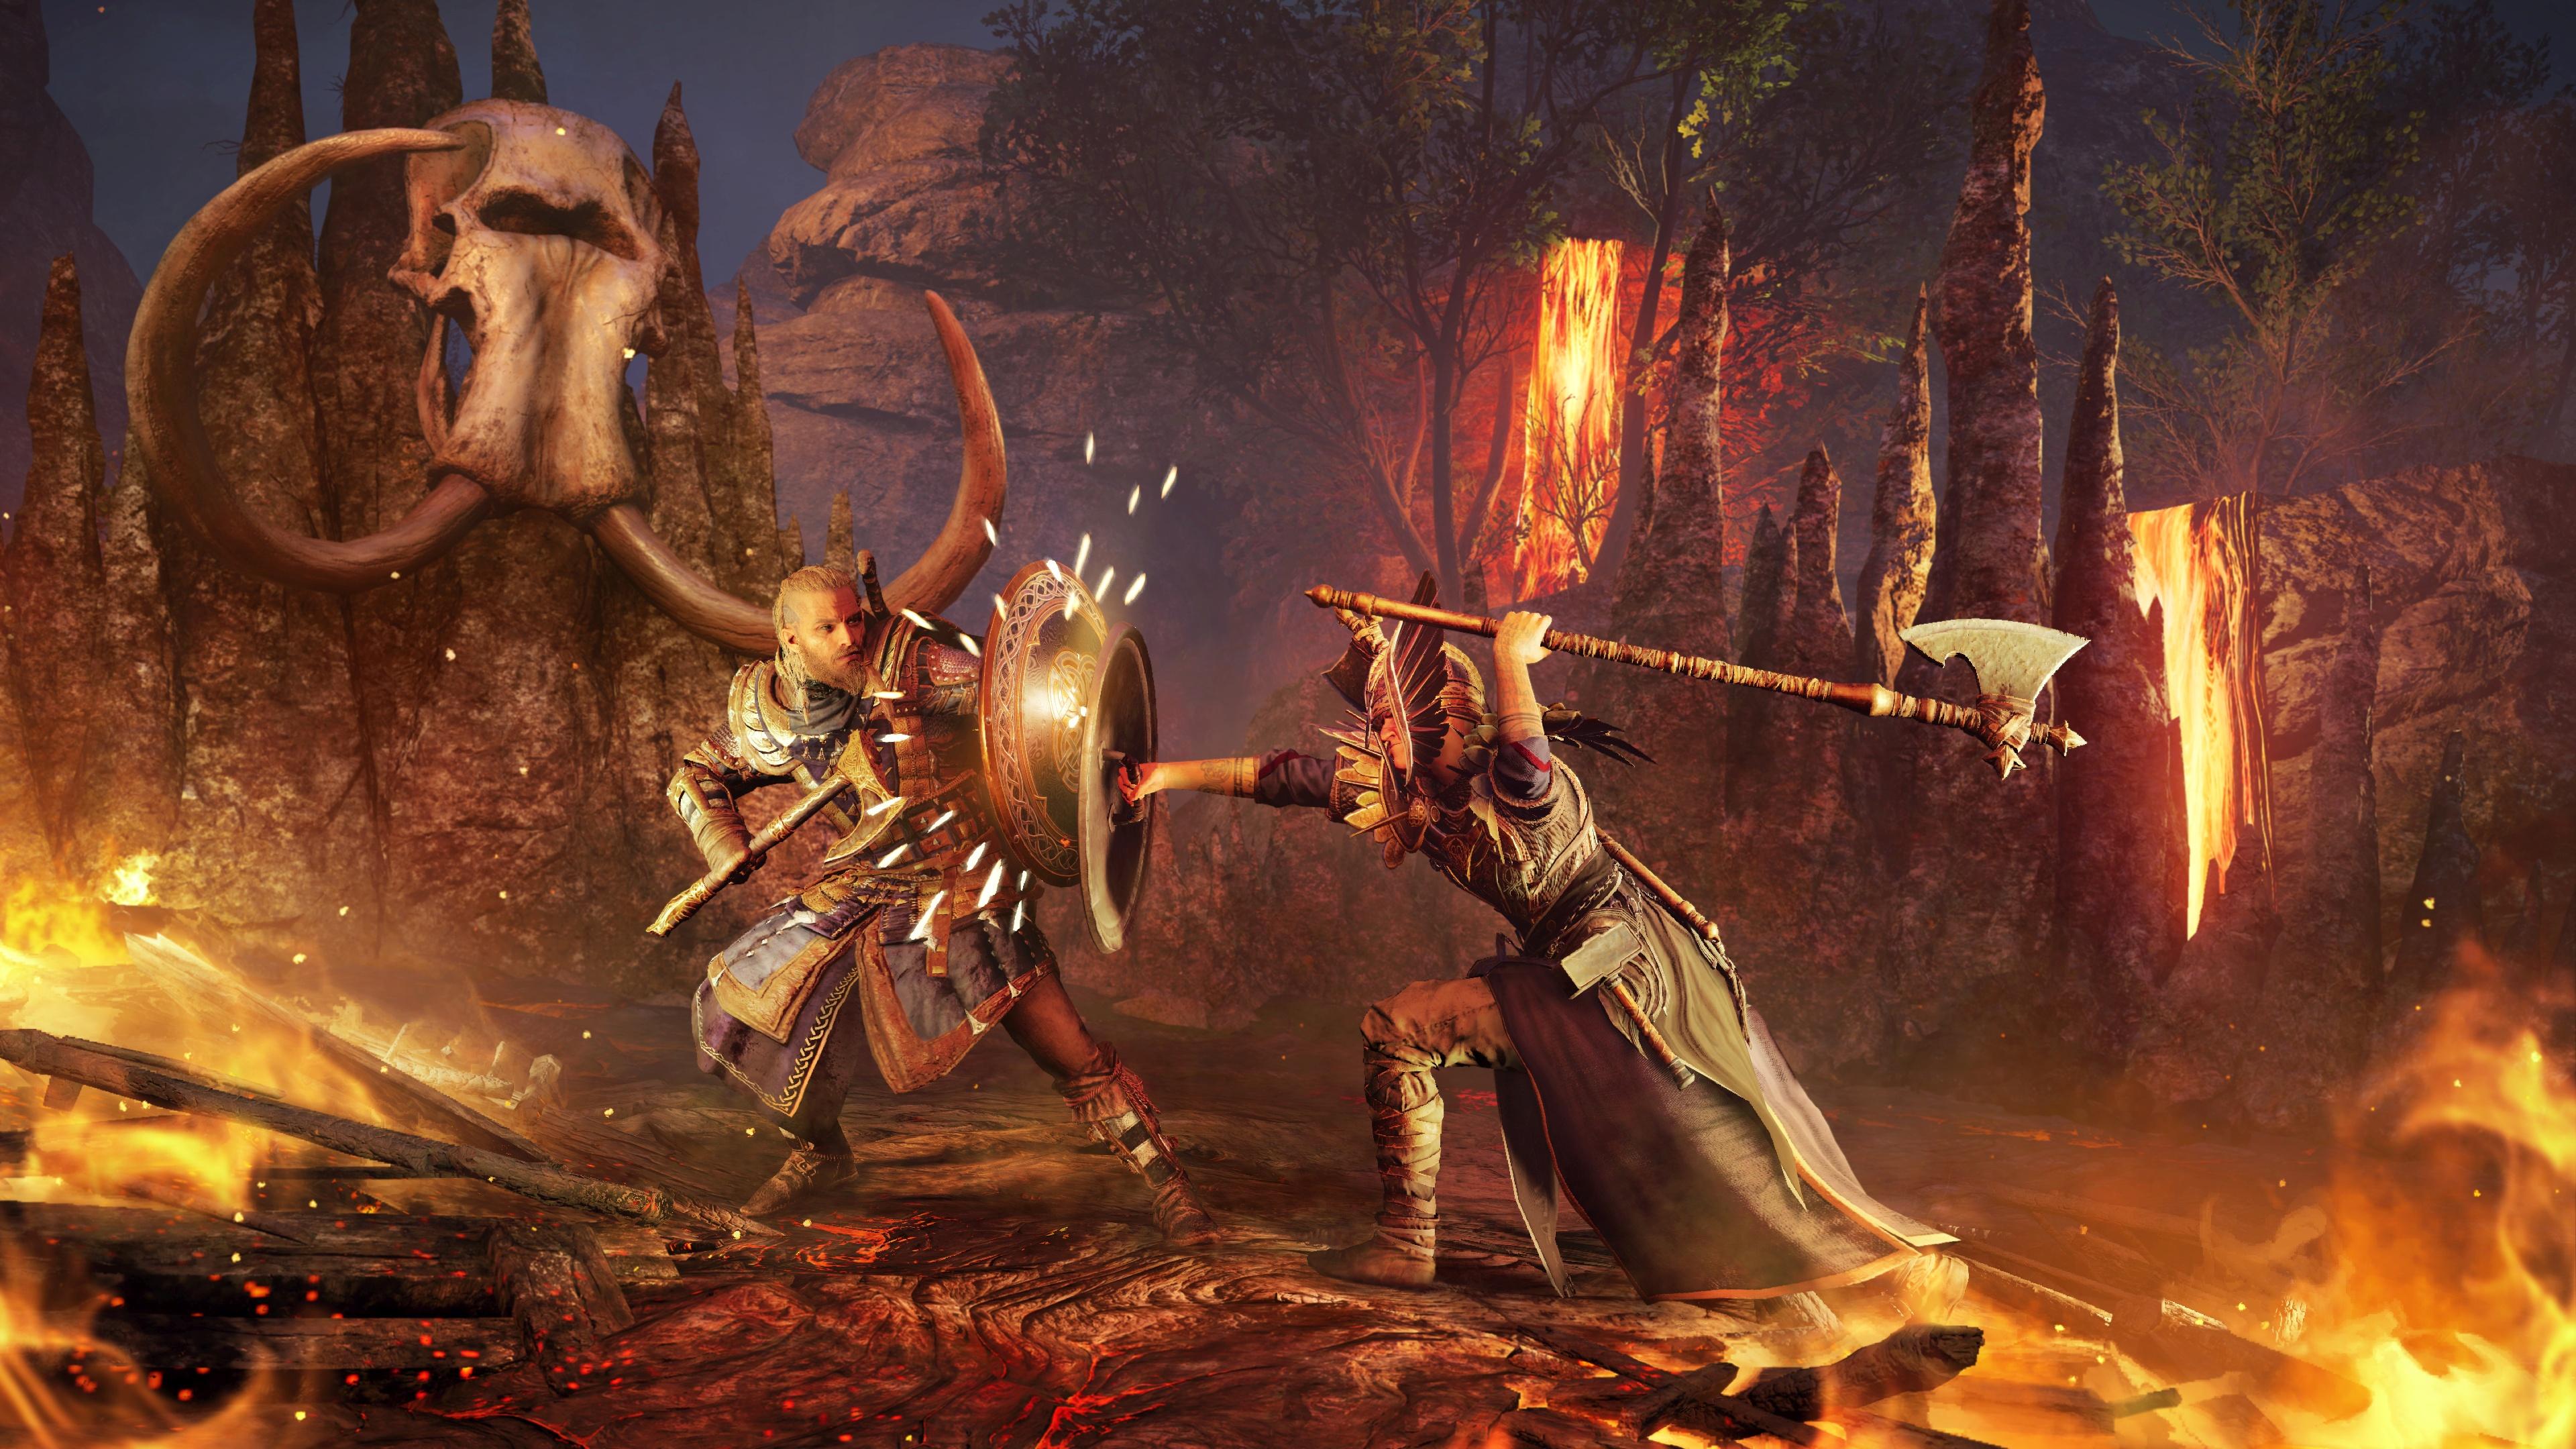 Assassin's Creed Valhalla: start master challenges - test skills, get a reward